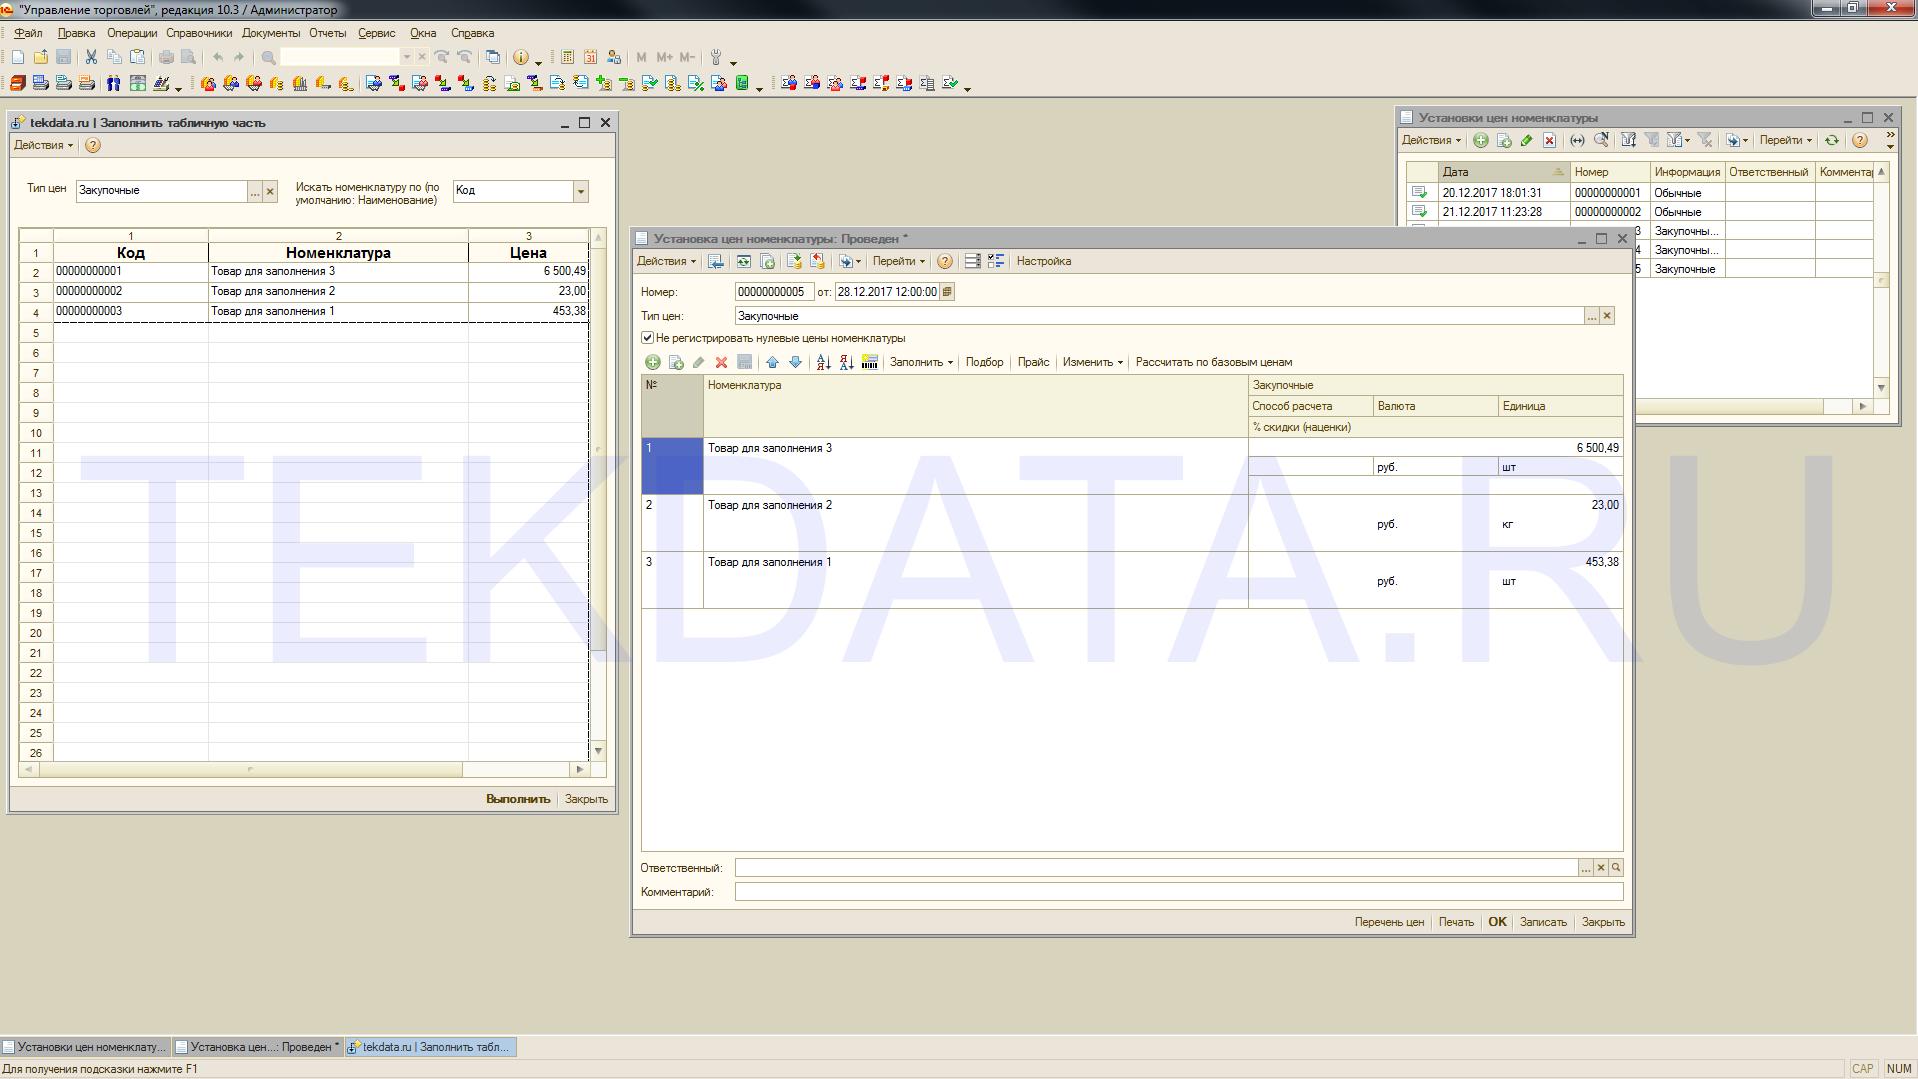 Заполнение Установки цен номенклатуры из других документов и Excel в 1С УТ 10.3 (Внешняя обработка)